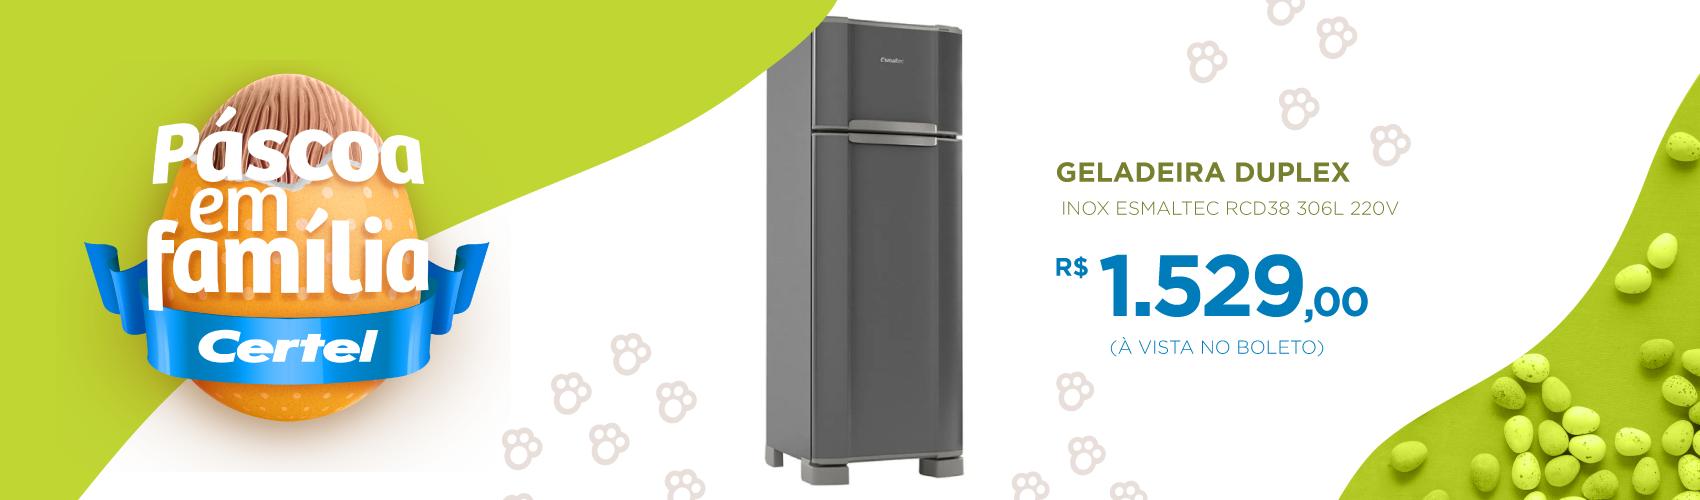 Refrigerador-Esmaltec